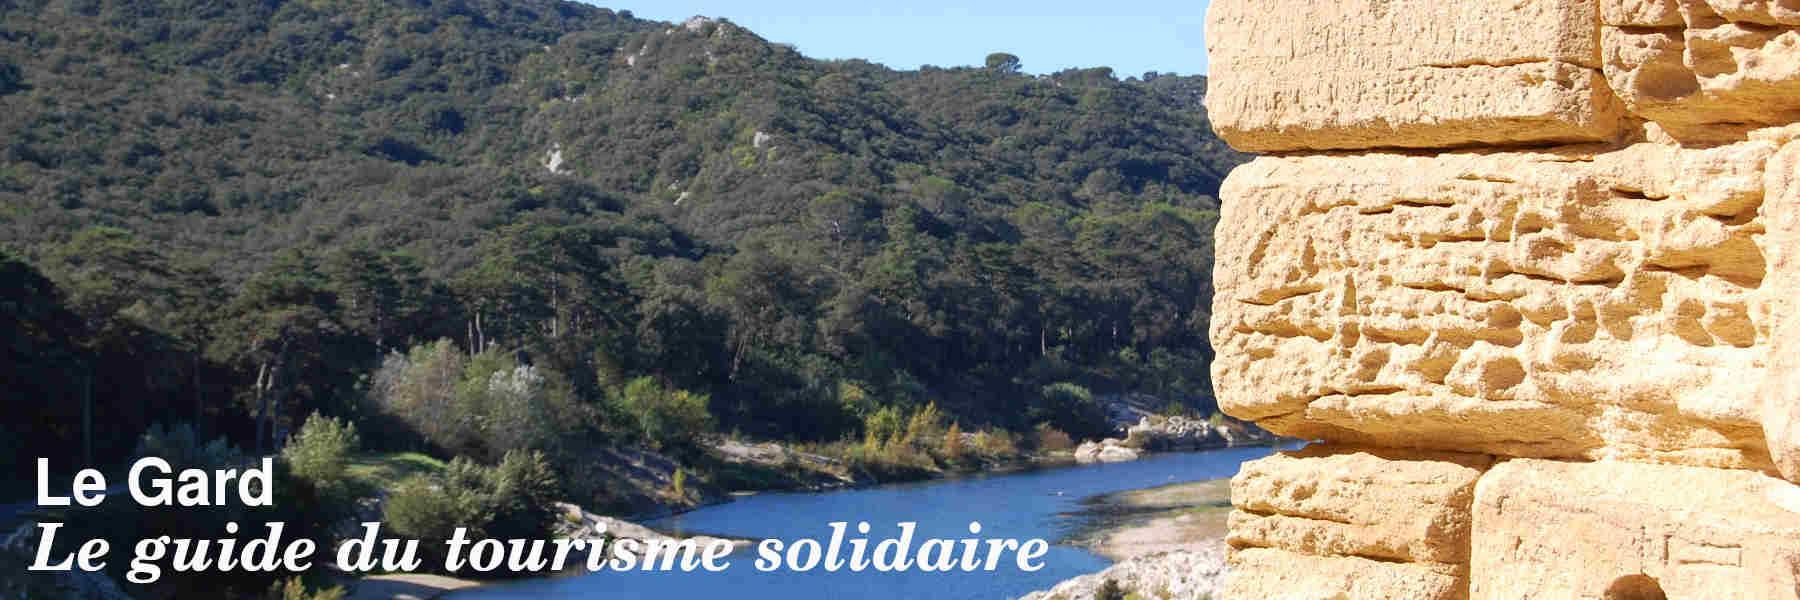 Le guide du tourisme solidaire du Gard